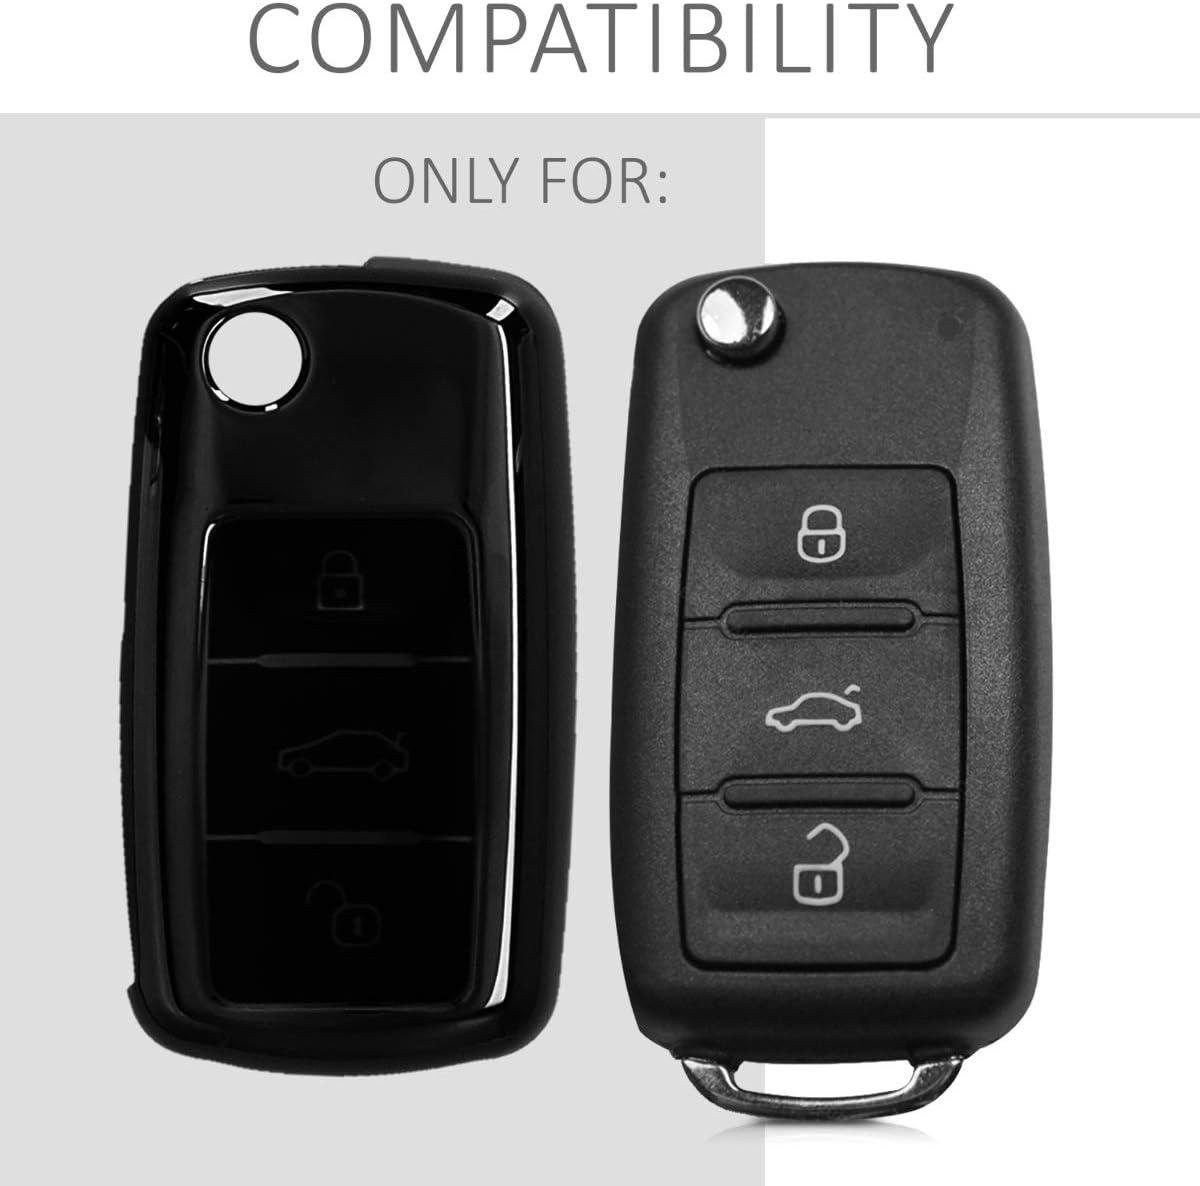 Coque en Silicone pour Clef de Voiture VW Skoda Seat 3-Bouton kwmobile Accessoire Clef de Voiture pour VW Skoda Seat Housse de Protection dor/é Haute Brillance